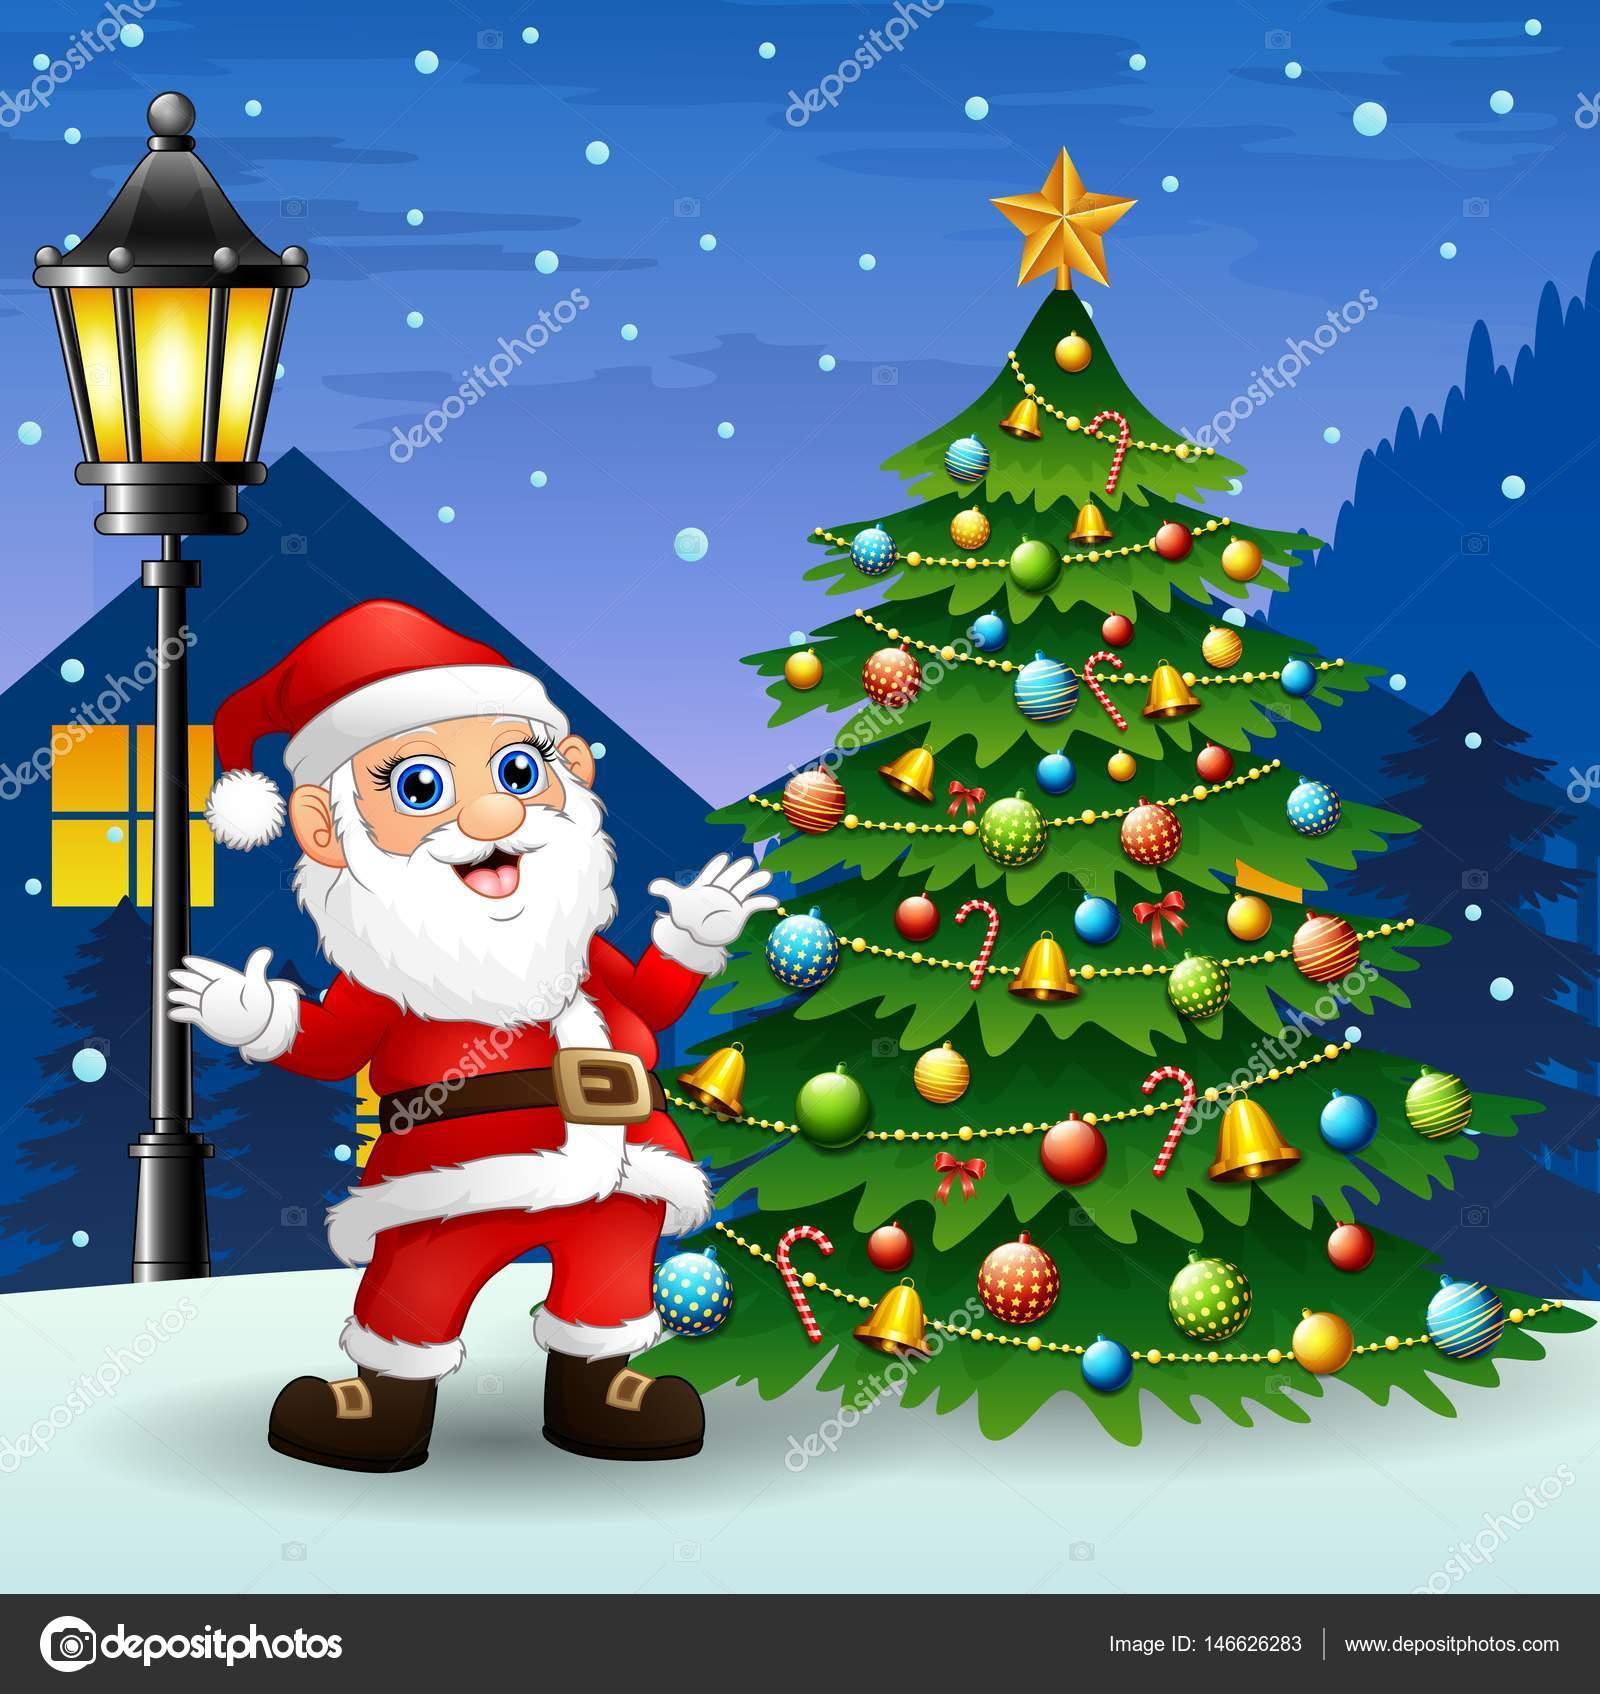 Tannenbaum Mit Schneefall.Weihnachtsmann Mit Tannenbaum Und Schneefall Bei Nacht Hintergrund